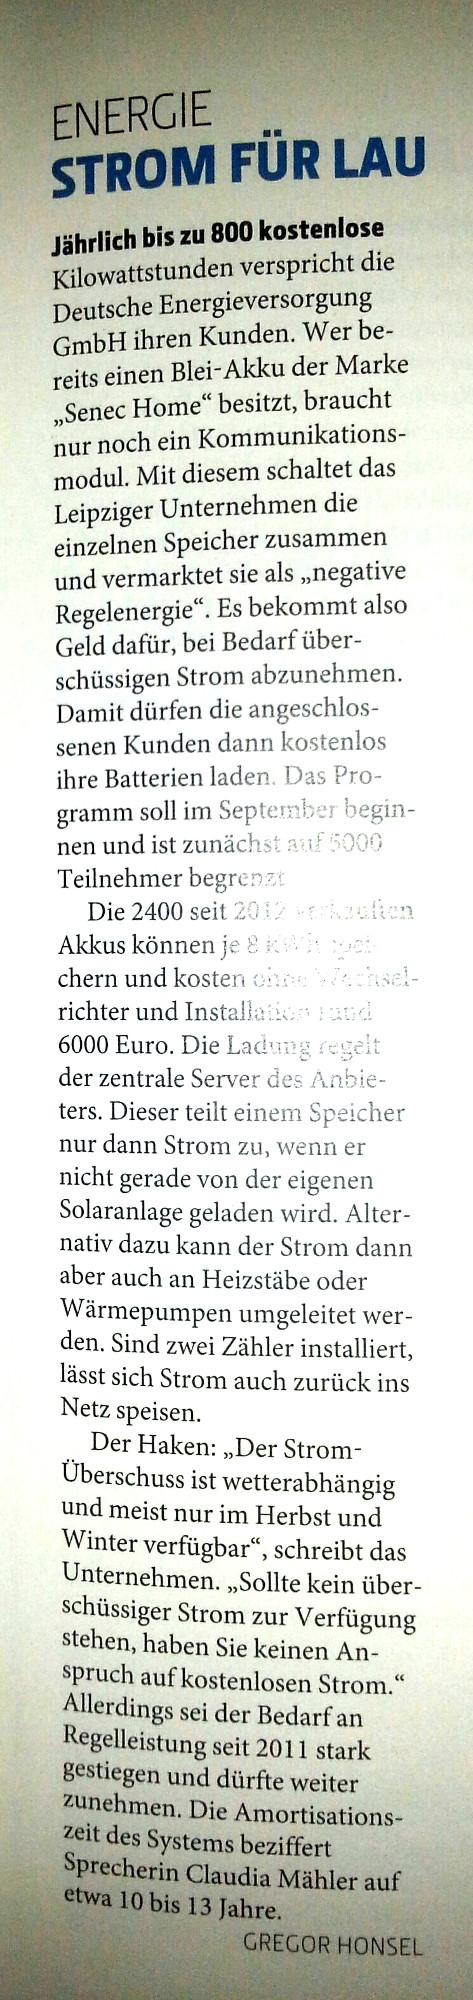 Technology Review Artikel über senec Speicher Deutsche Energieversorgung GmbH